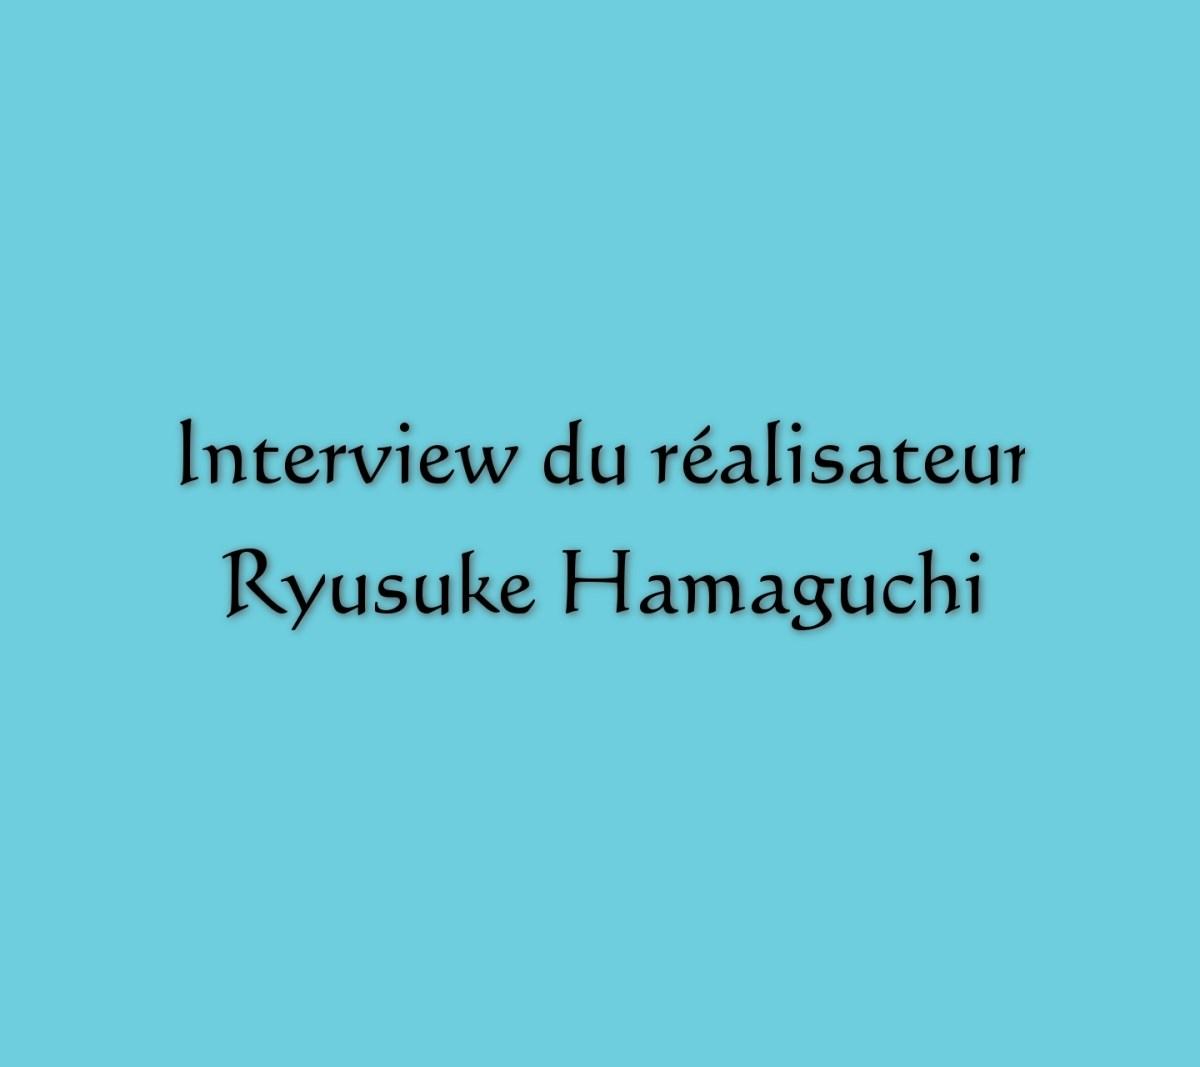 Mon interview du réalisateur Ryusuke Hamaguchi